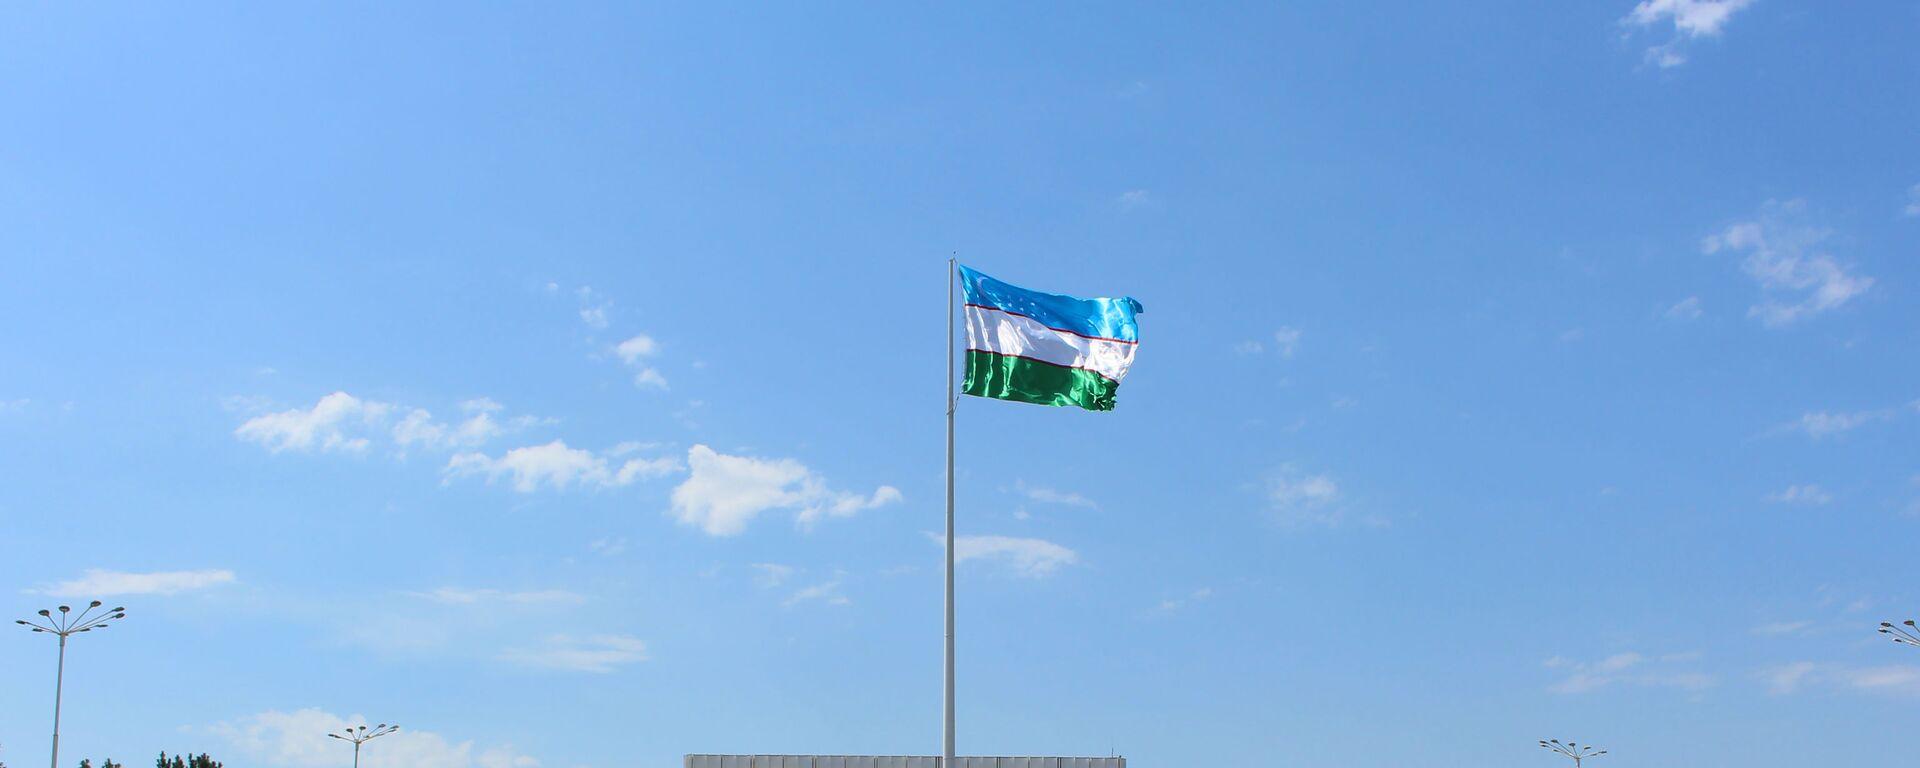 Площадь Дружбы народов - Sputnik Ўзбекистон, 1920, 07.10.2021